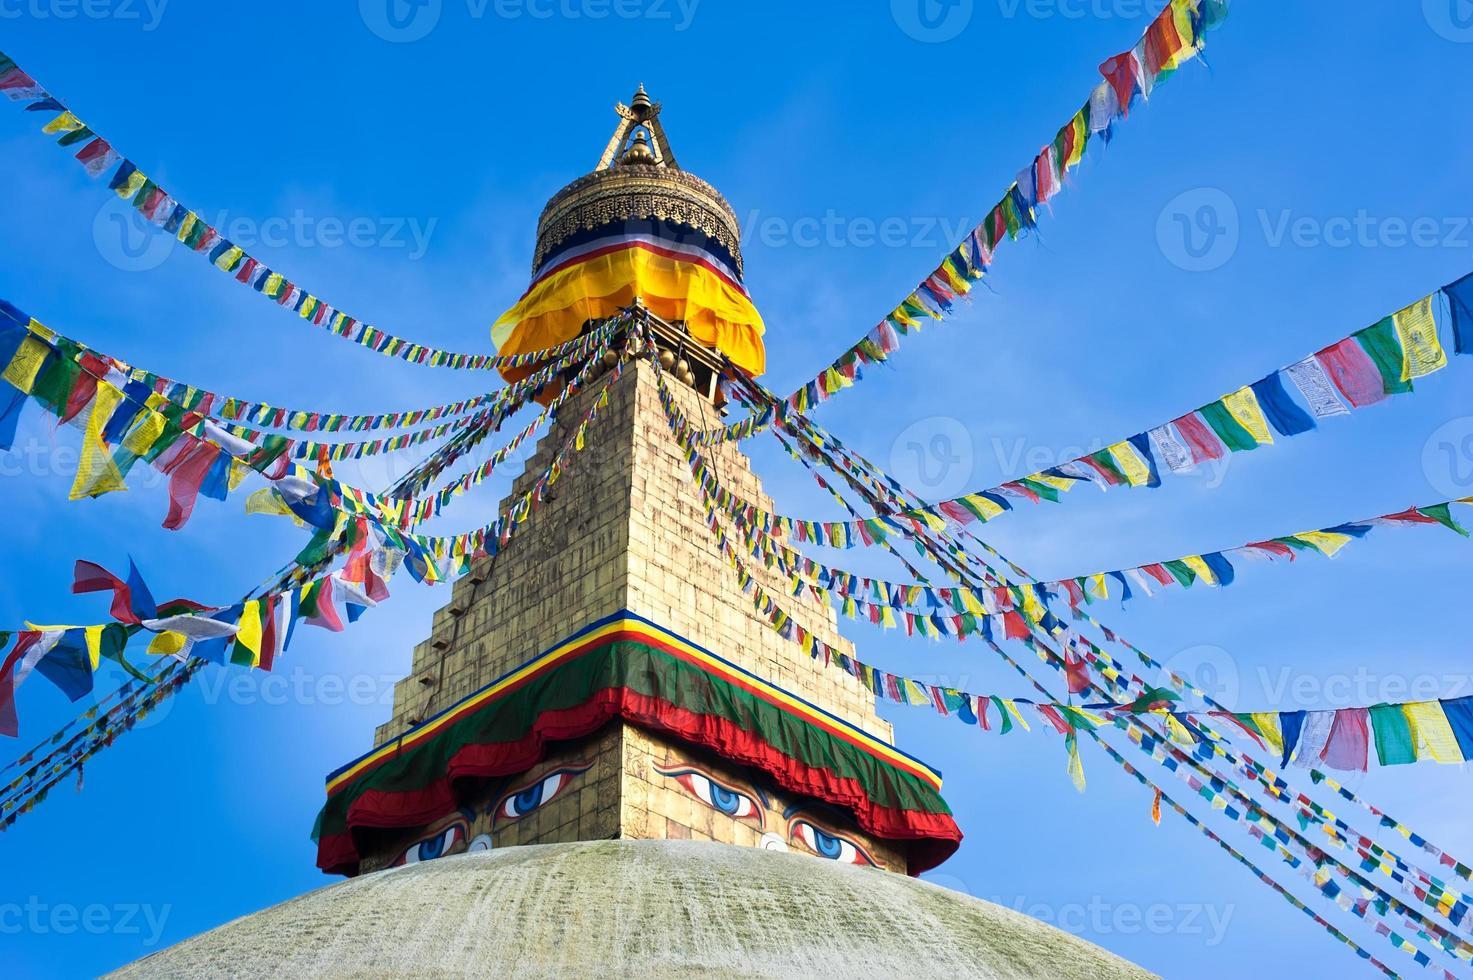 santuario buddista boudhanath stupa con pregare bandiere nel cielo blu foto